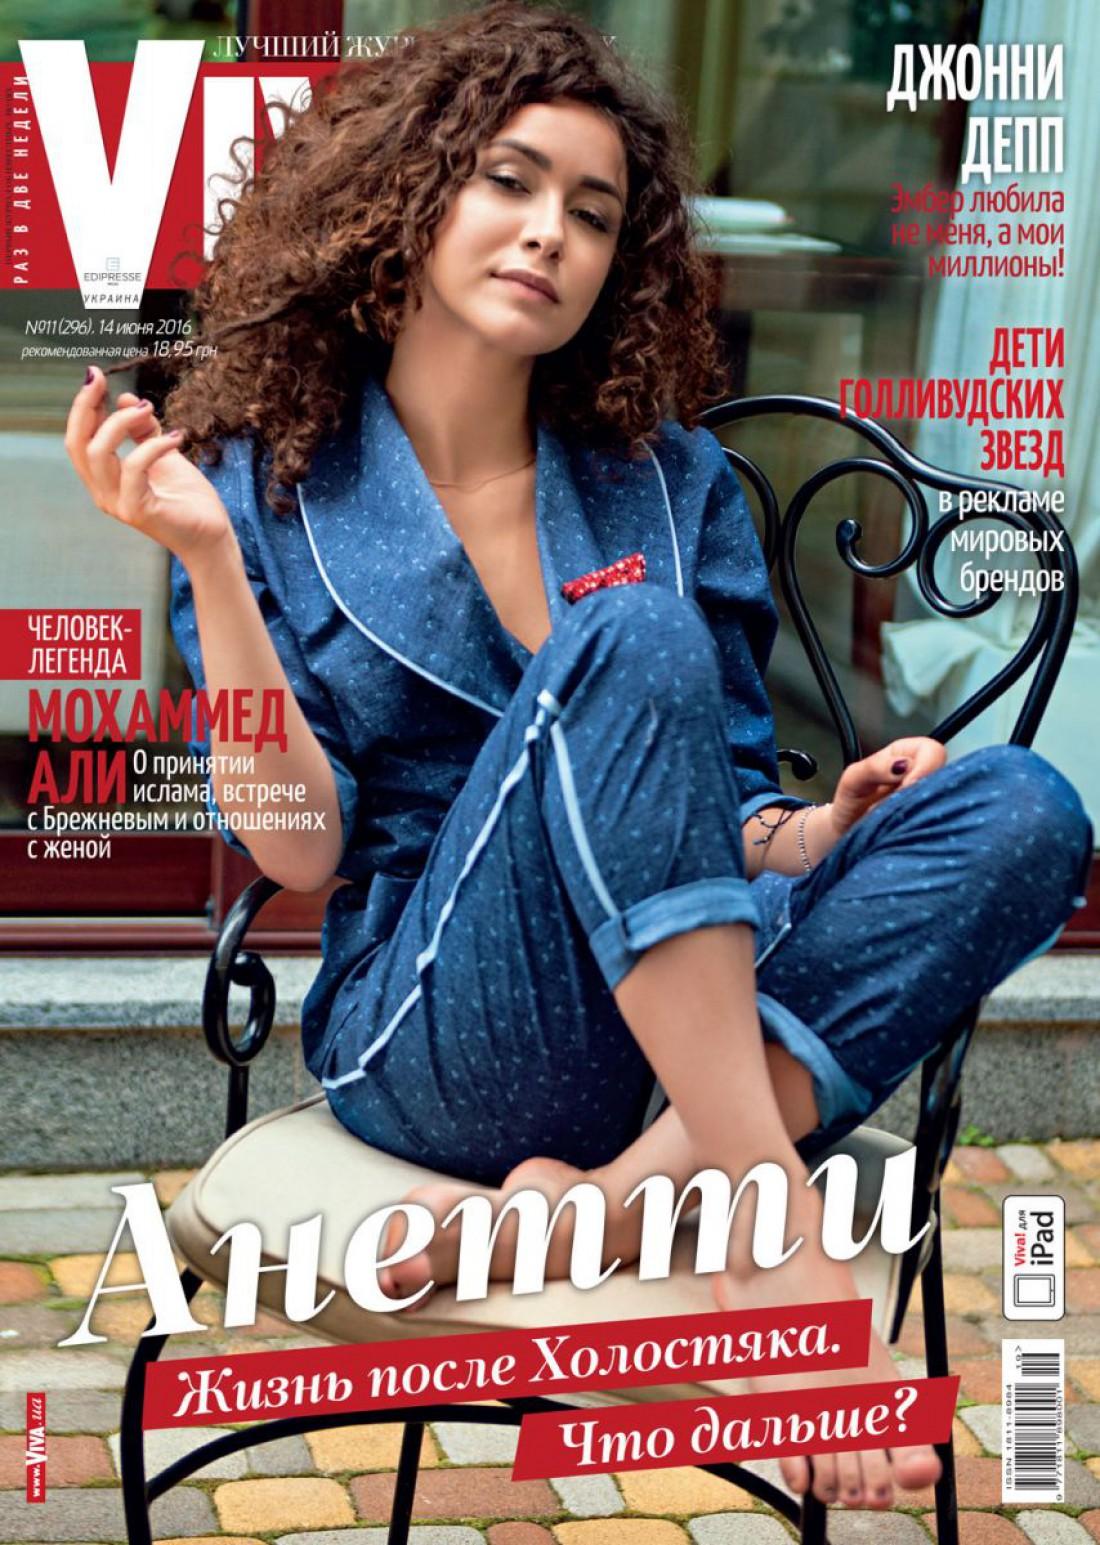 Анетти на обложке журнала Viva